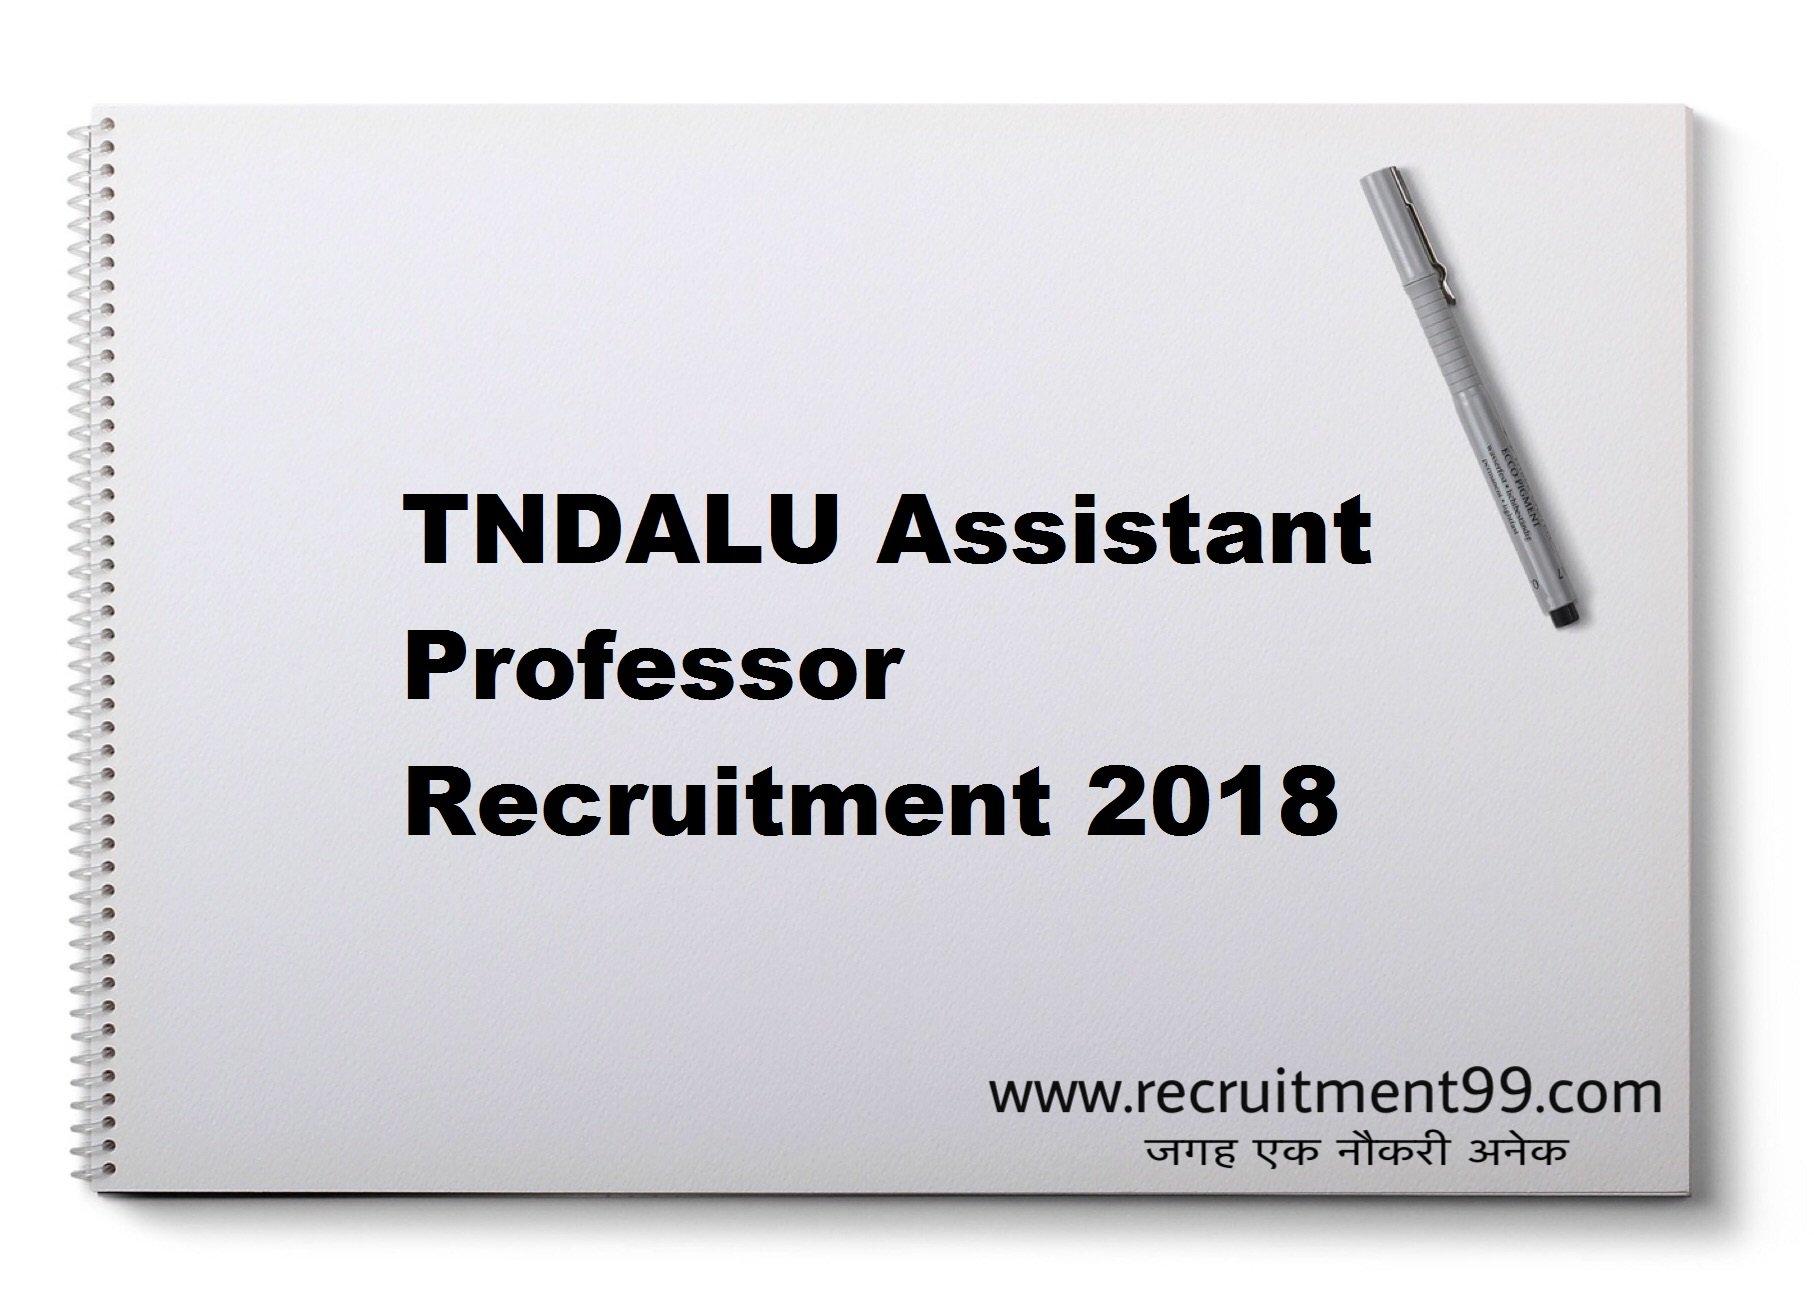 TNDALU Assistant Professor Recruitment Admit Card Result 2018